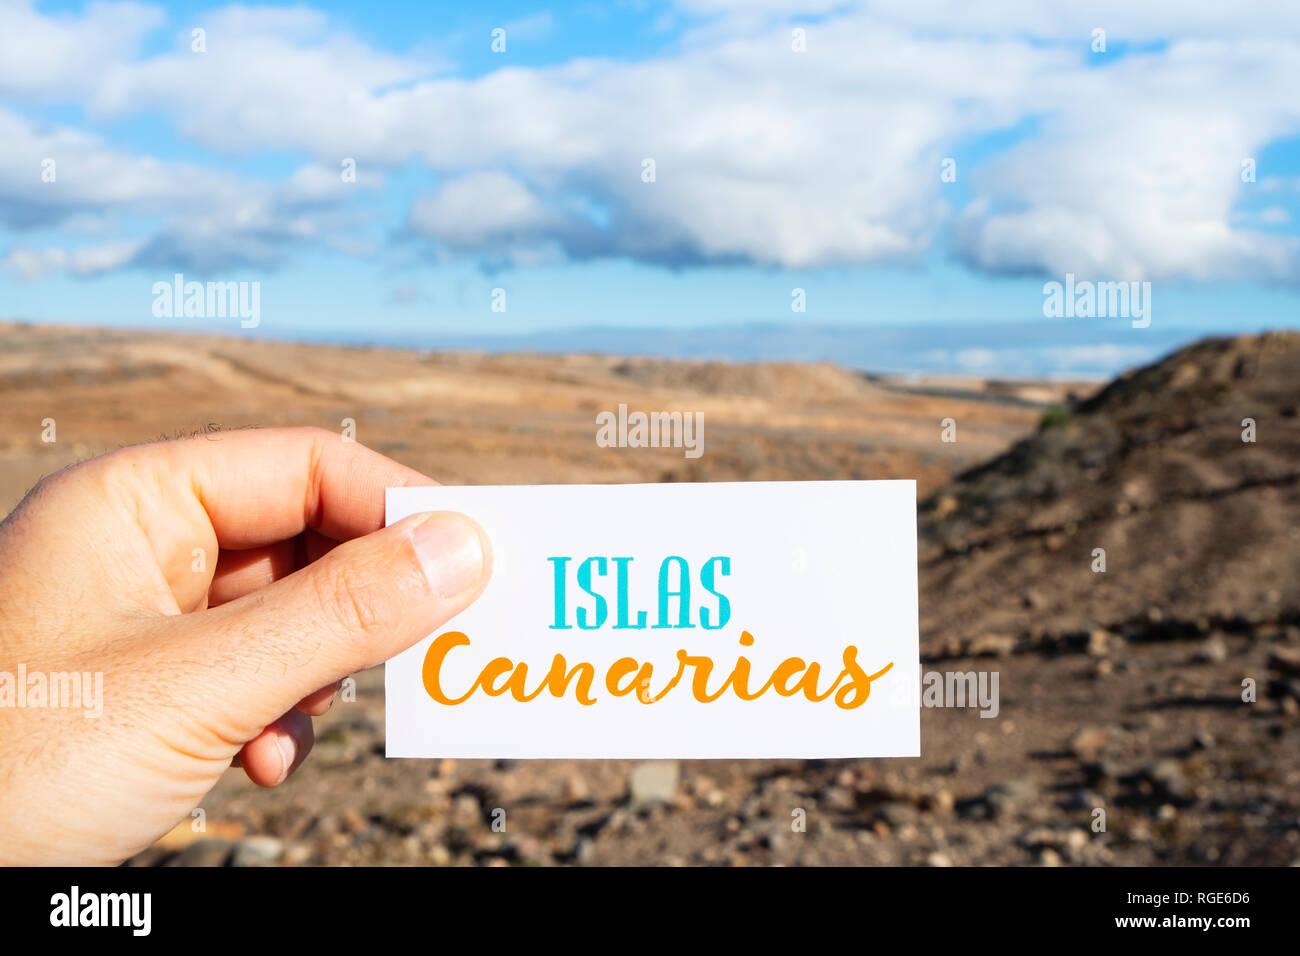 Nahaufnahme der Hand eines kaukasischen Mann hält ein Schild mit dem Text Islas Canarias Kanarische Inseln auf Spanisch geschrieben, vor einem trockenen landscap Stockbild